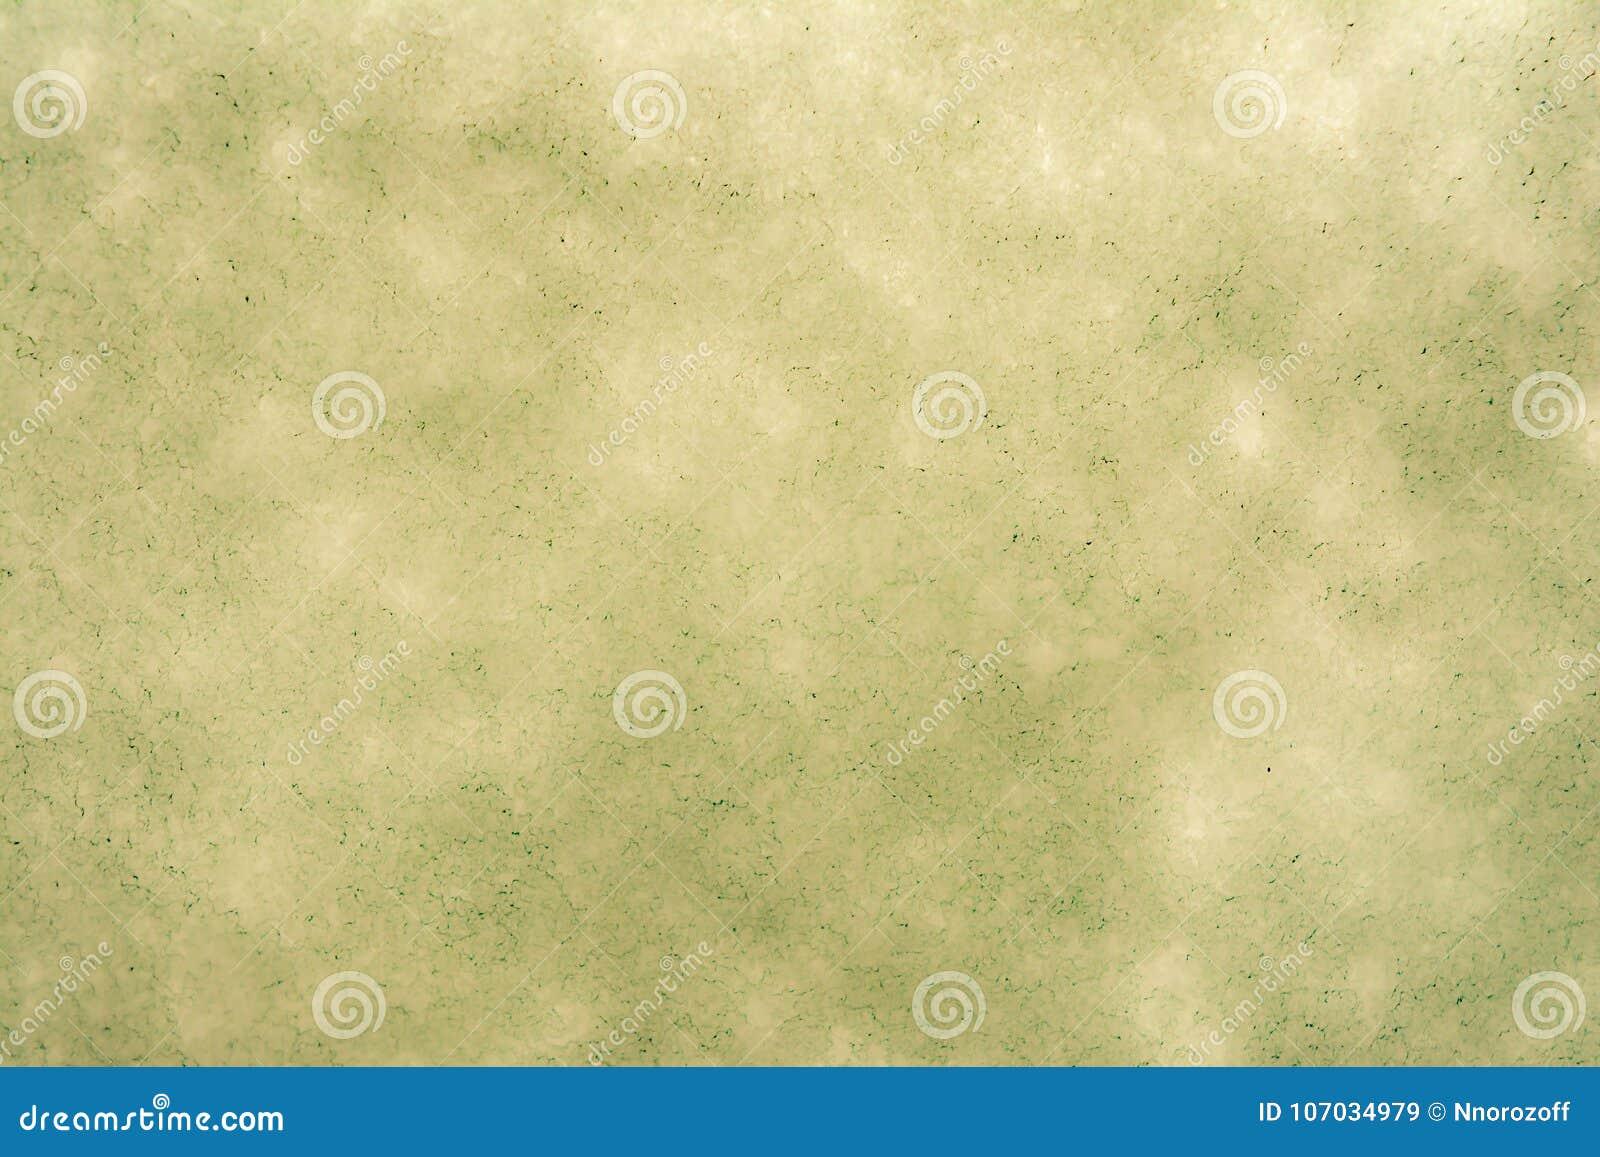 概略的洞穴状抽象表面的纹理,被弄脏的ackground